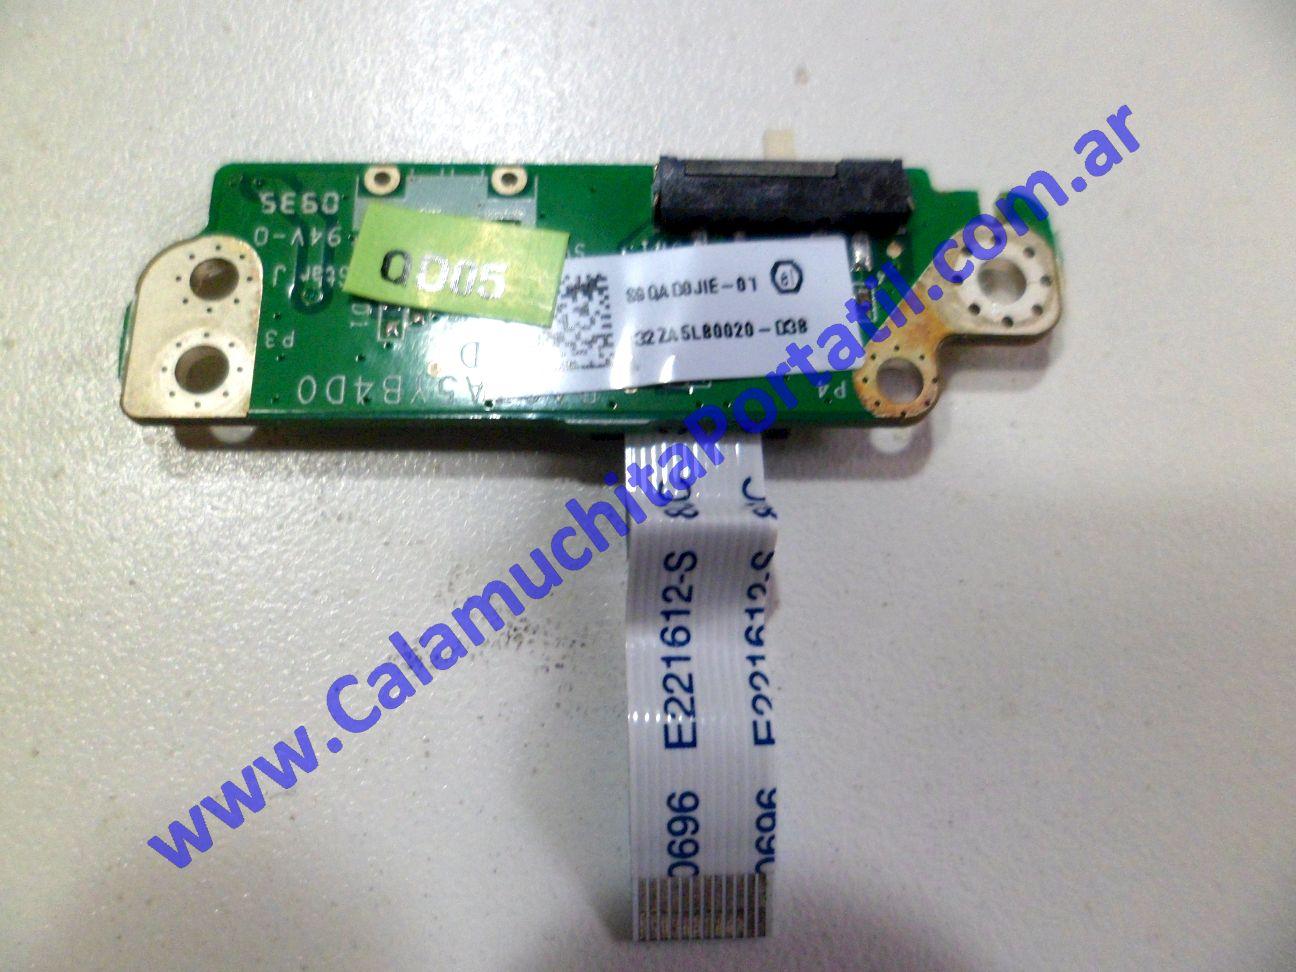 0011PLE Placa Leds Packard Bell Dot-M-A / ZA8